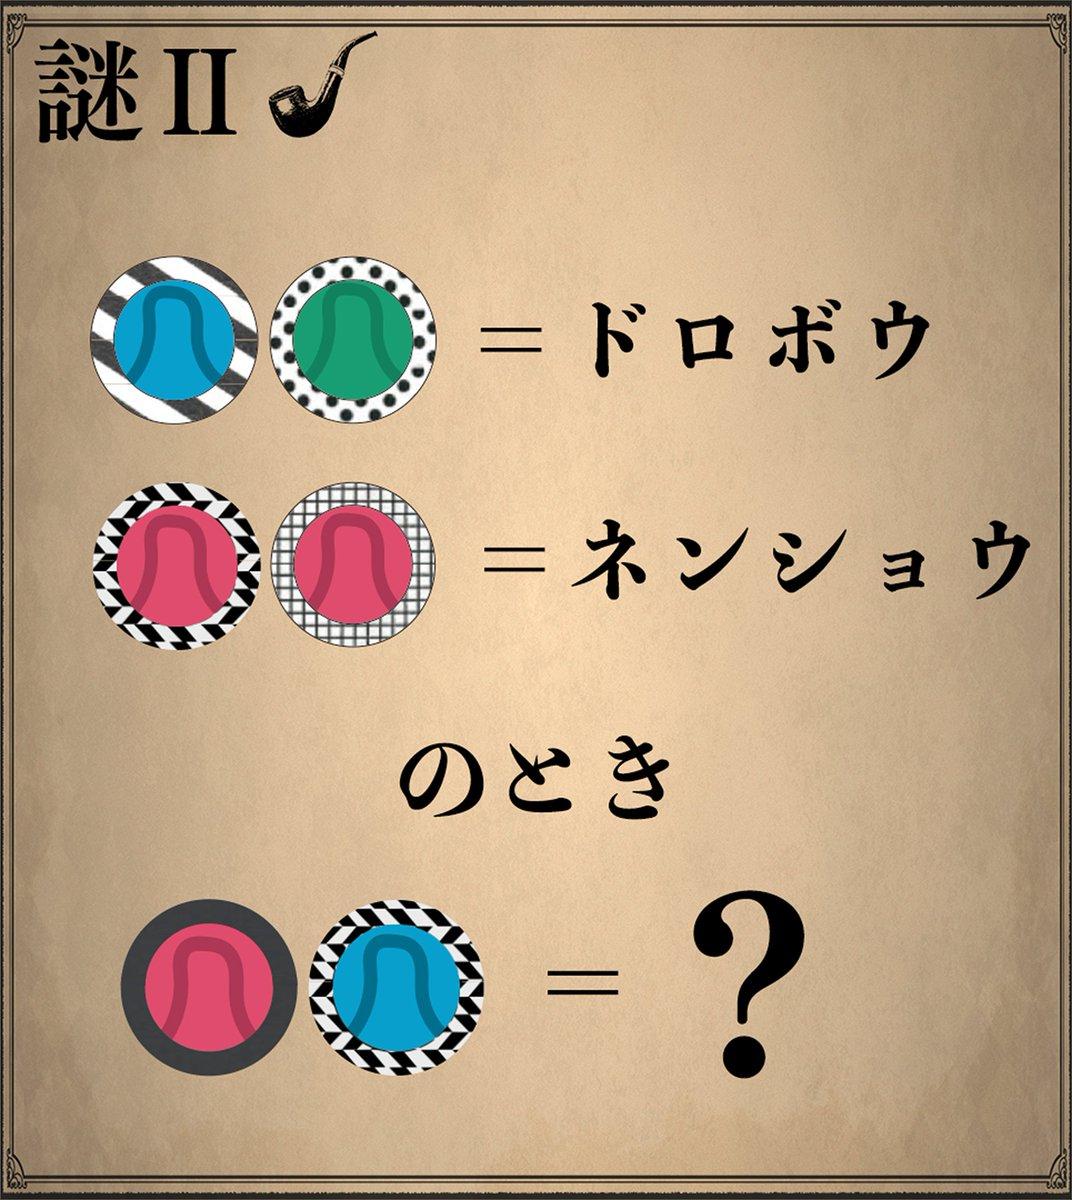 へん 漢字 さんずい